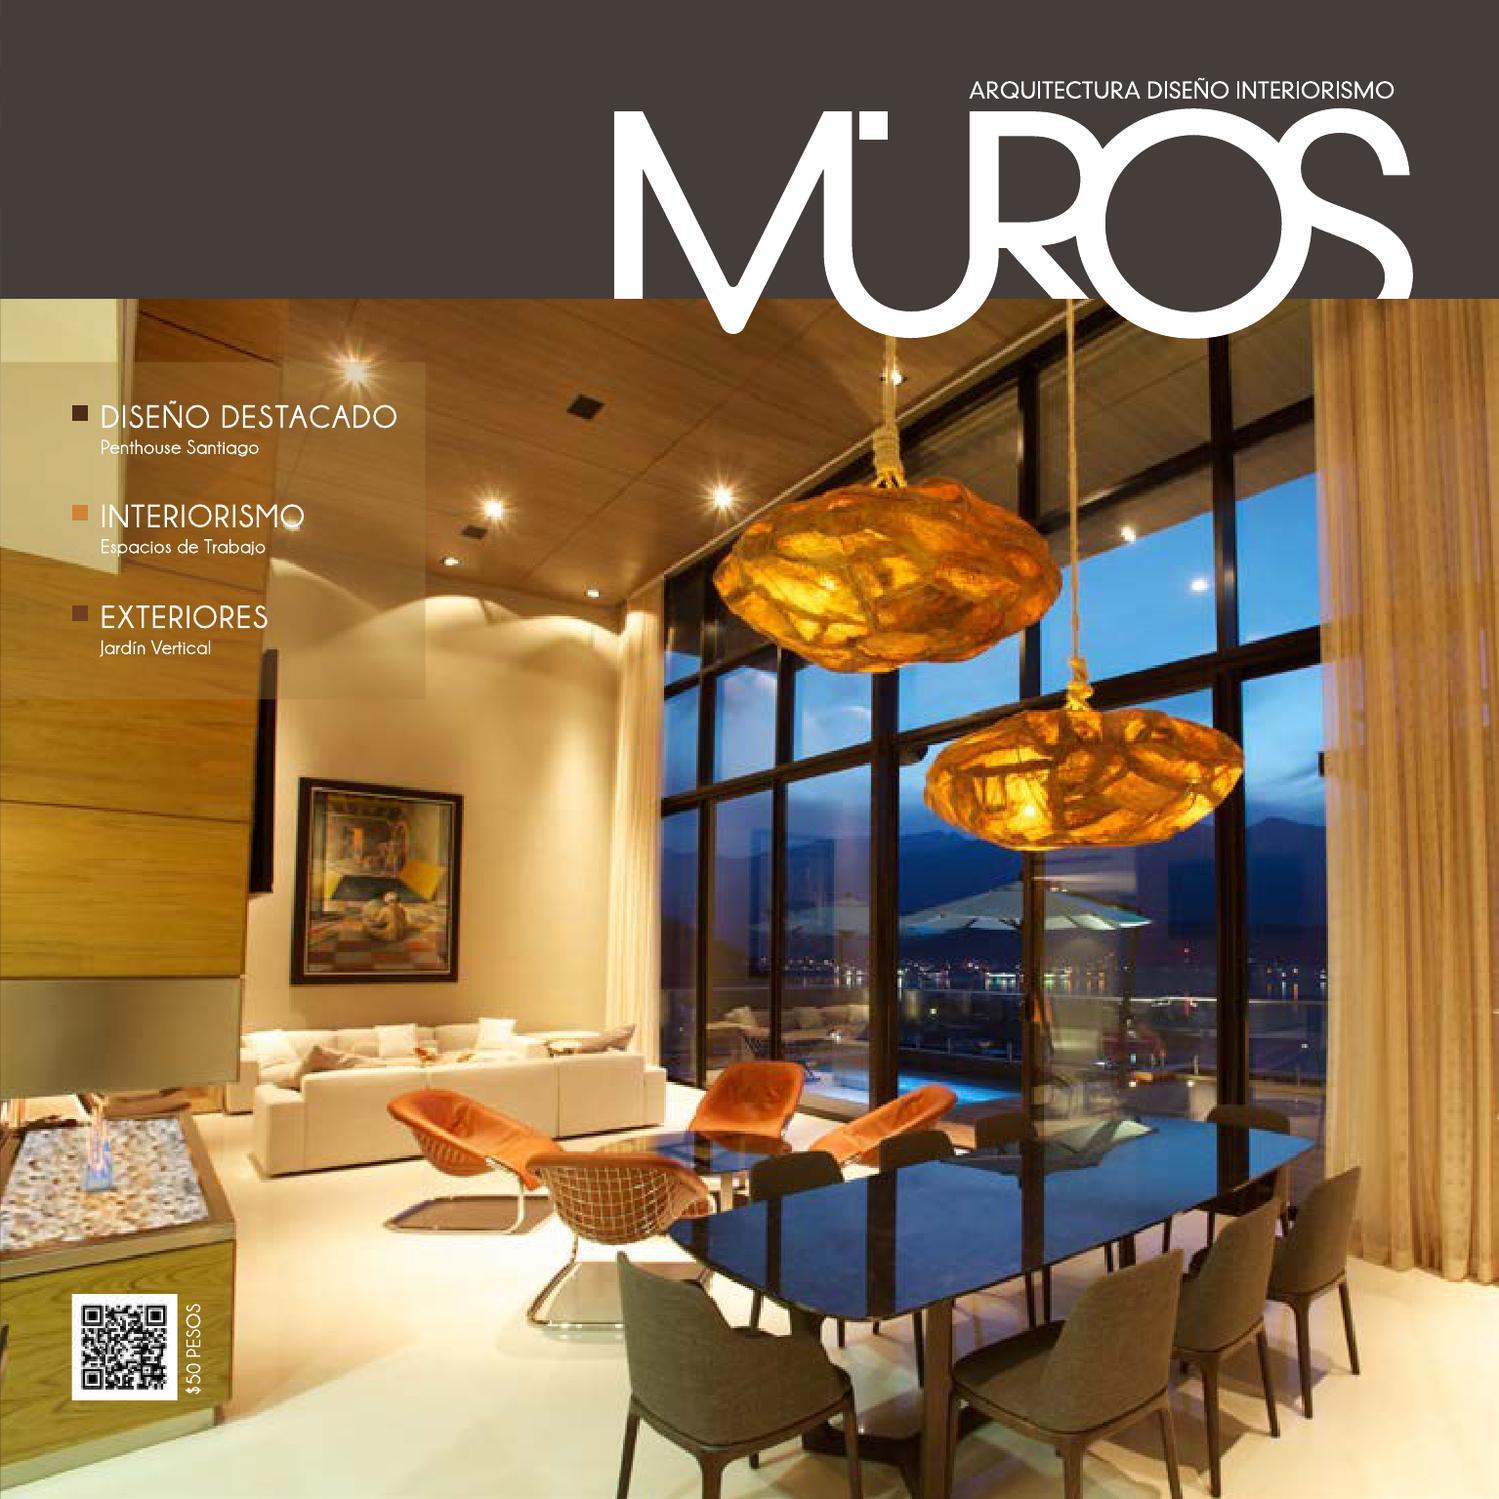 Edici n 0 revista muros arquitectura dise o interiorismo for Diseno de interiores temario